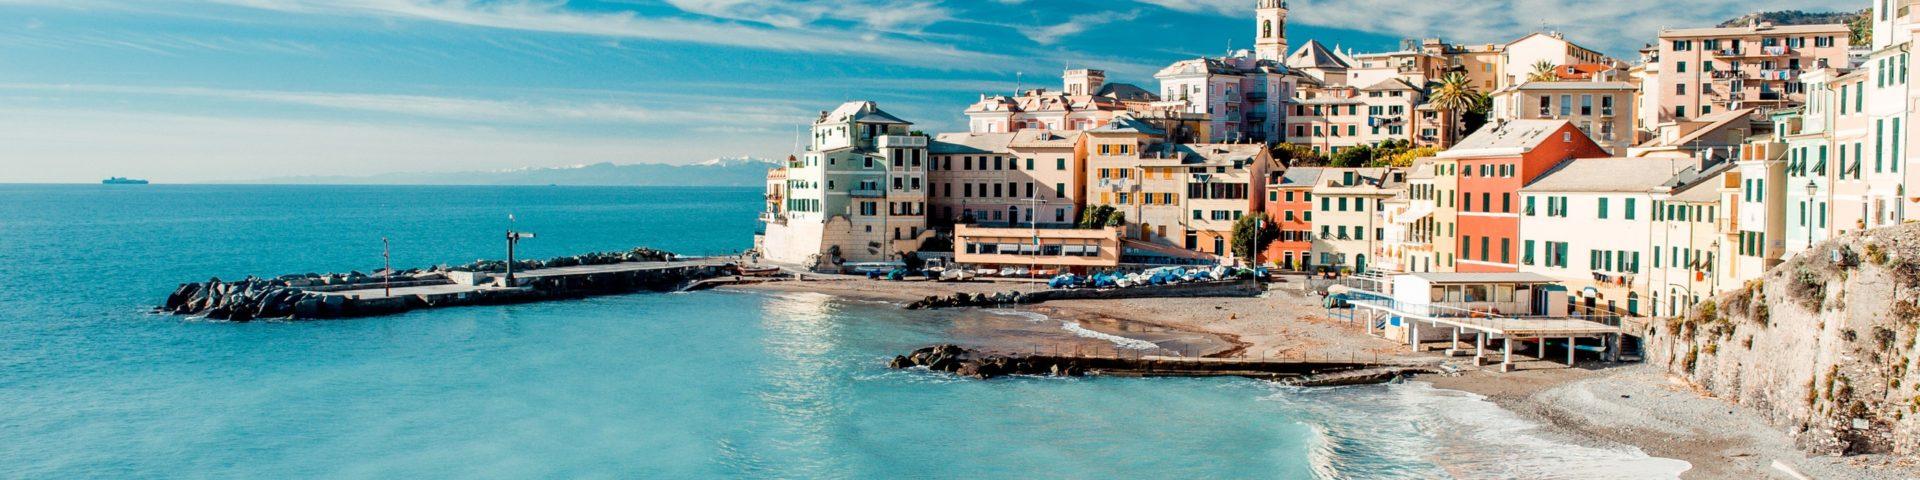 Сардиния – «коктейль» времен старина и современность